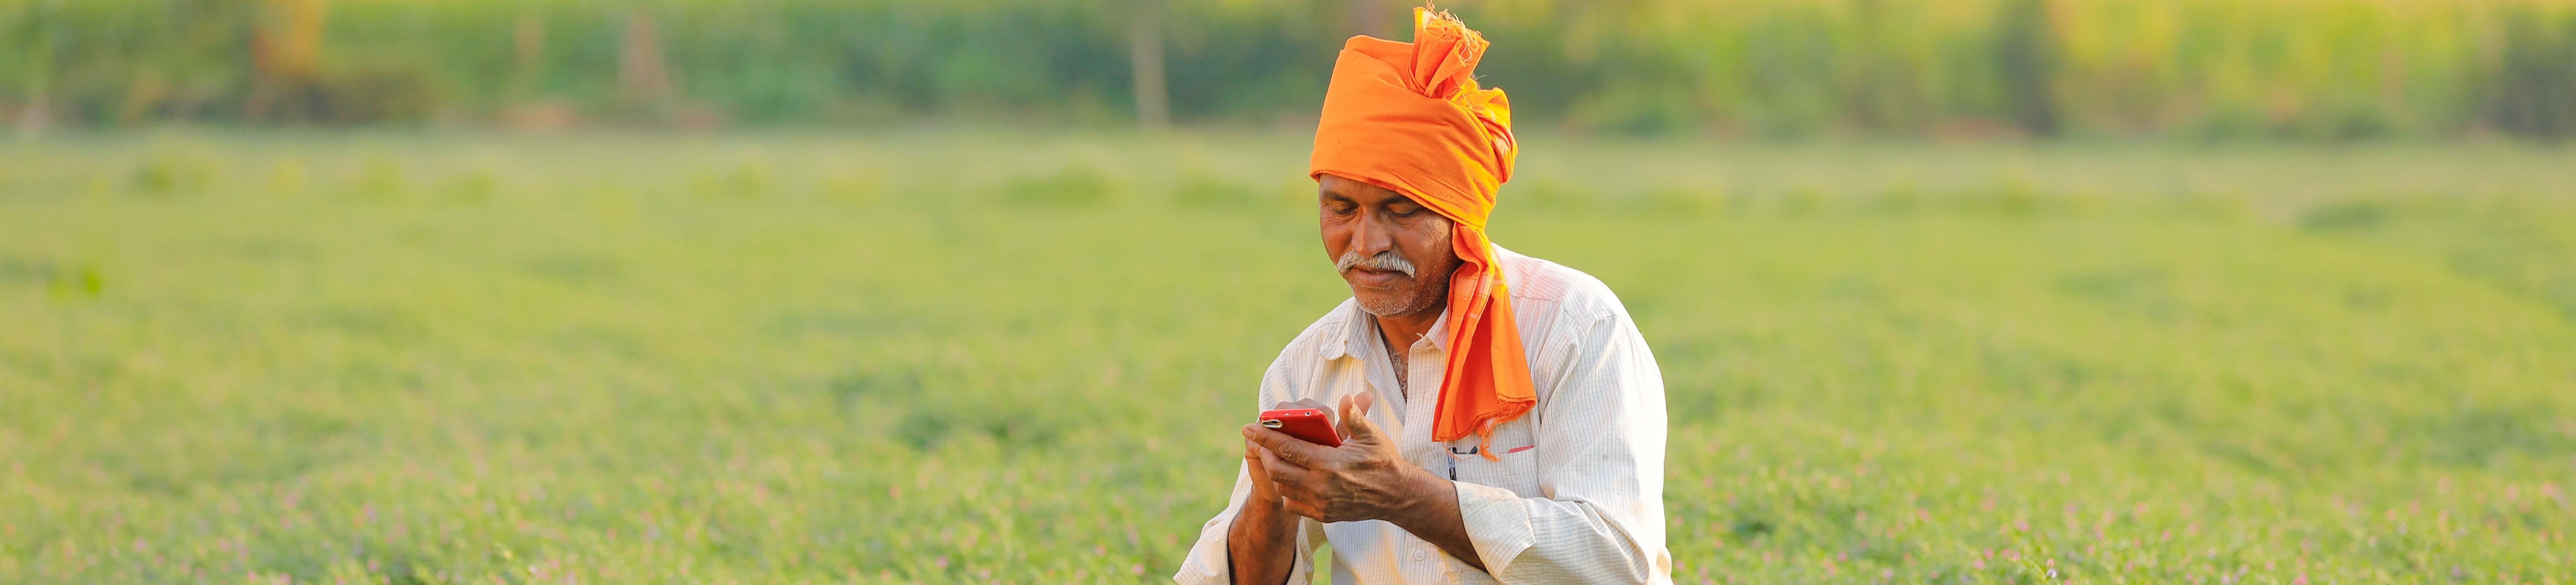 Les moyens de communication en Inde pouvant être utilisés durant un voyage dans le pays